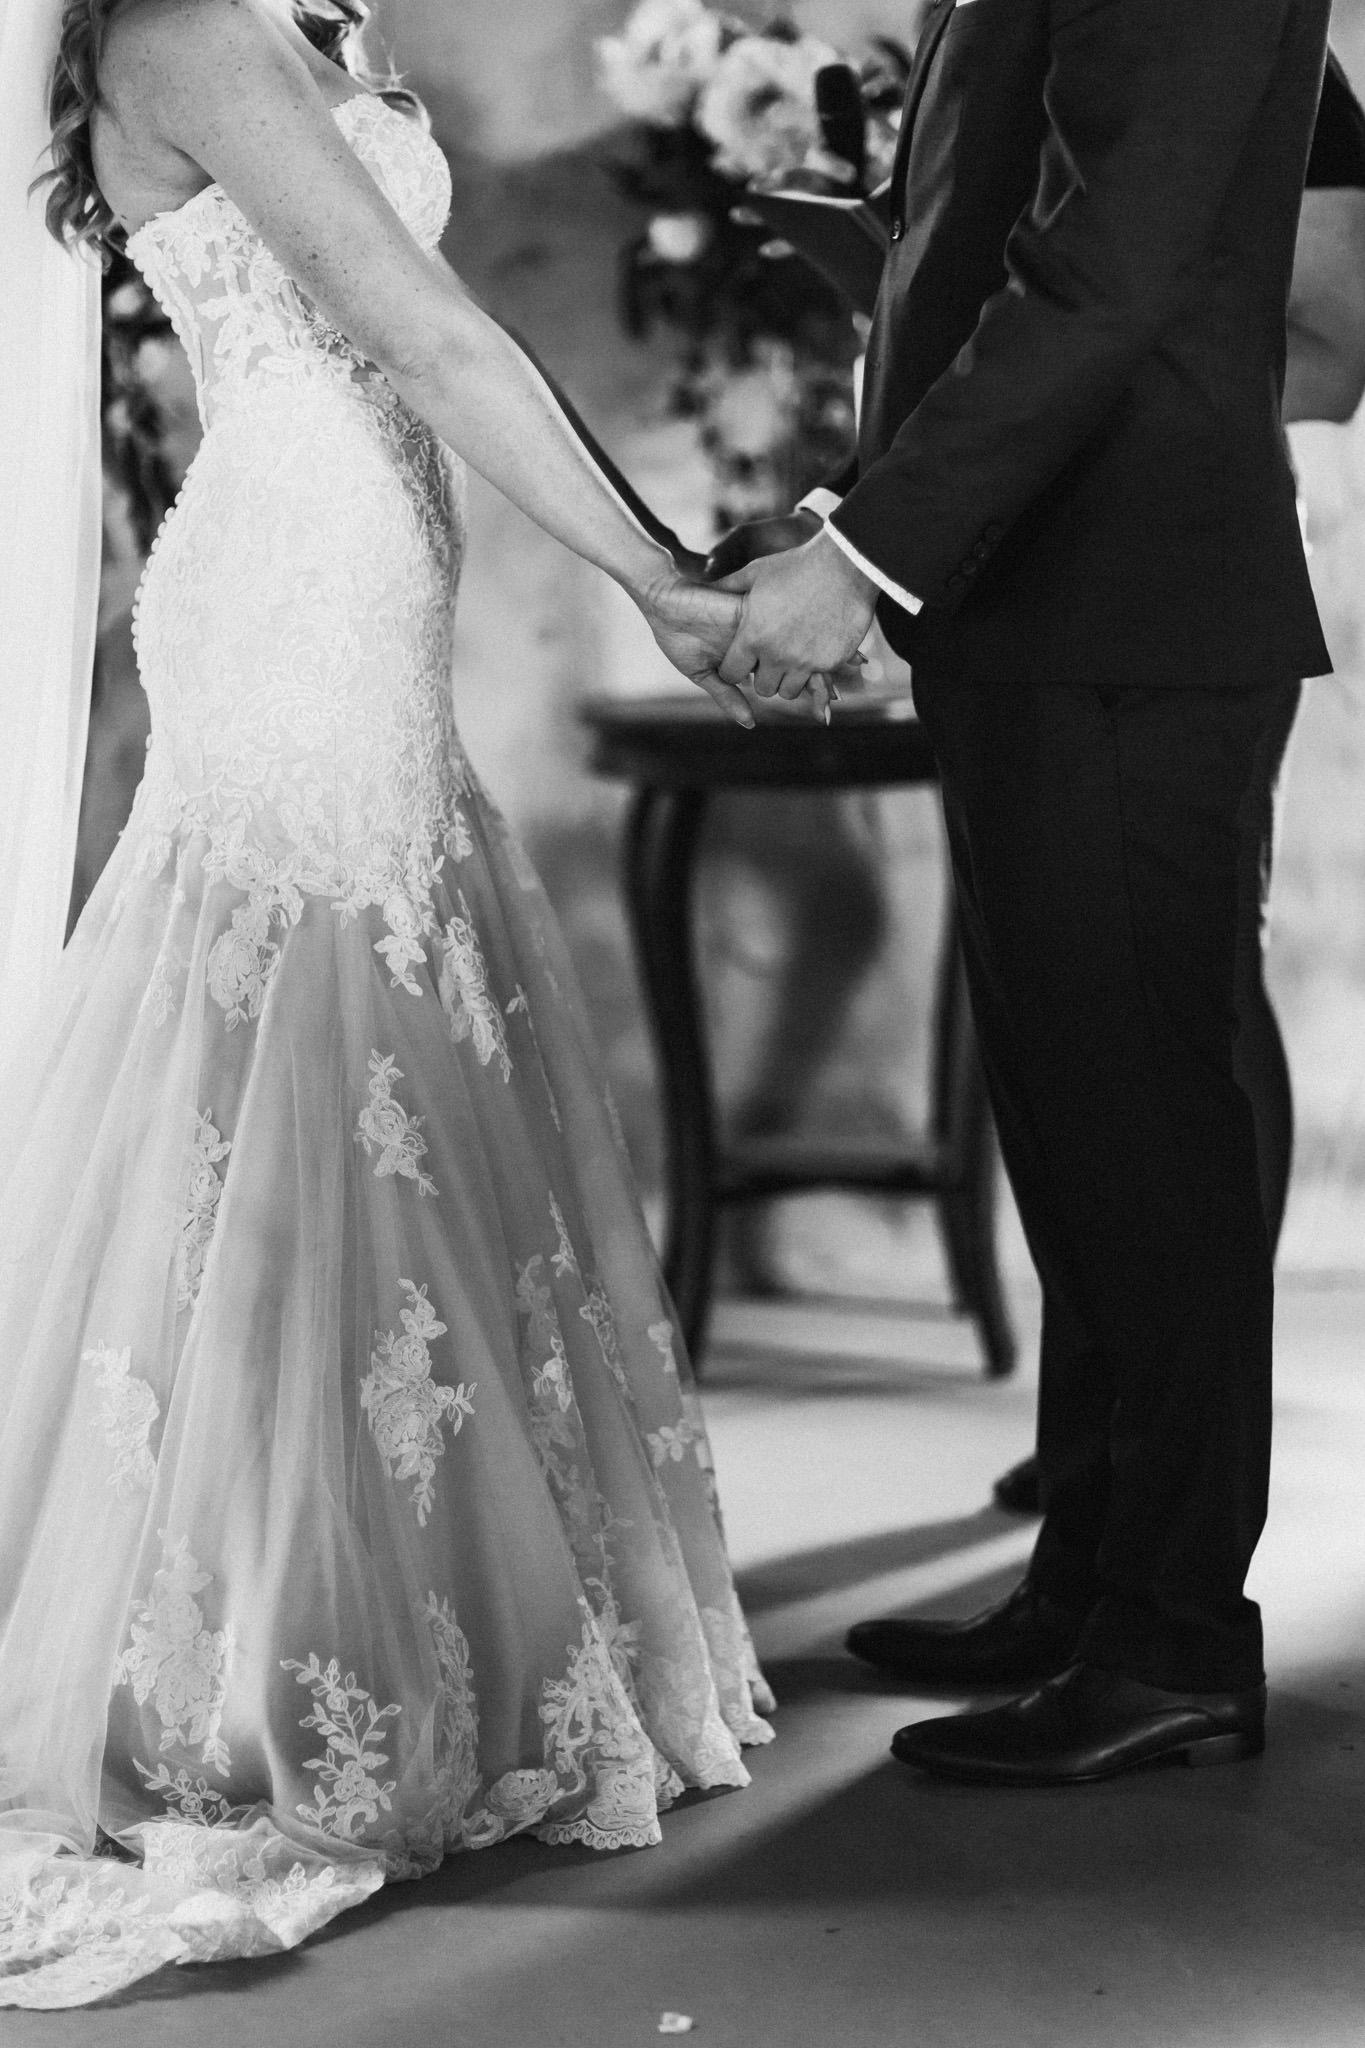 WeddingPhotos_Facebook_2048pixels-1045.jpg